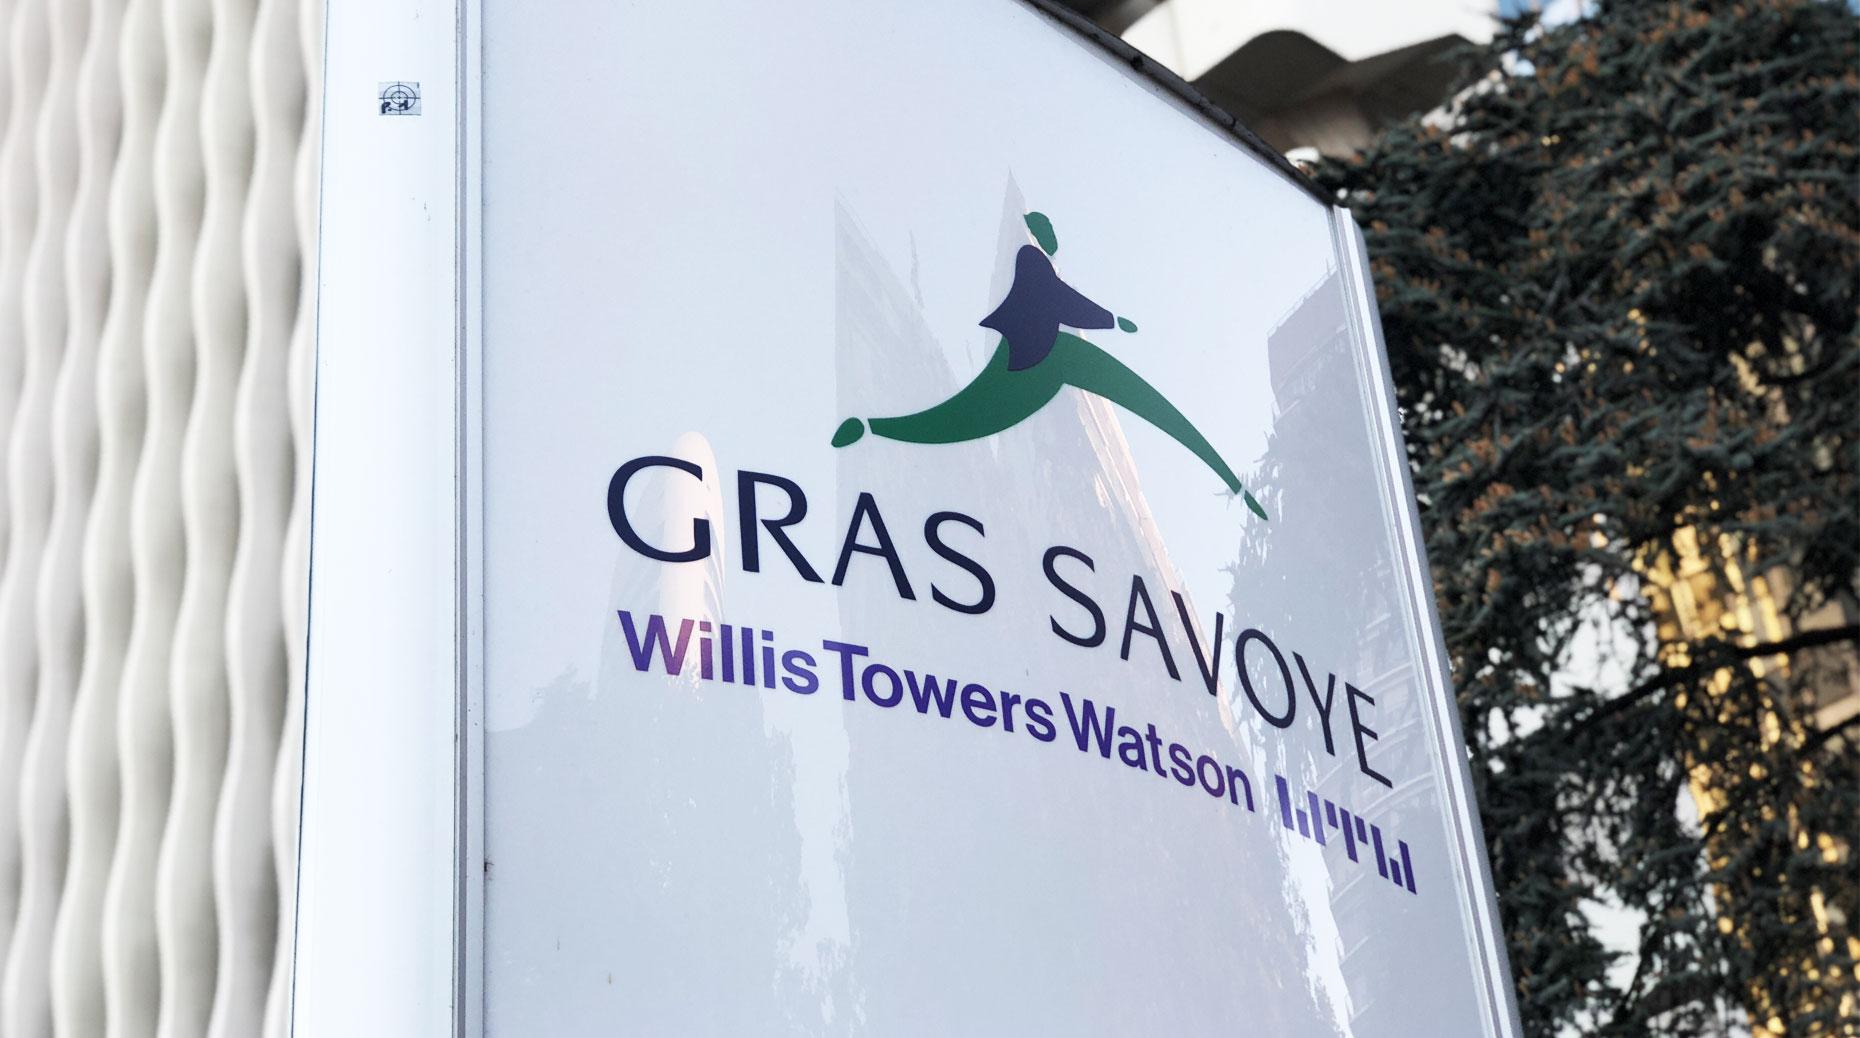 Résultats 2018 : CA en hausse pour Gras Savoye WTW France - News Assurances Pro